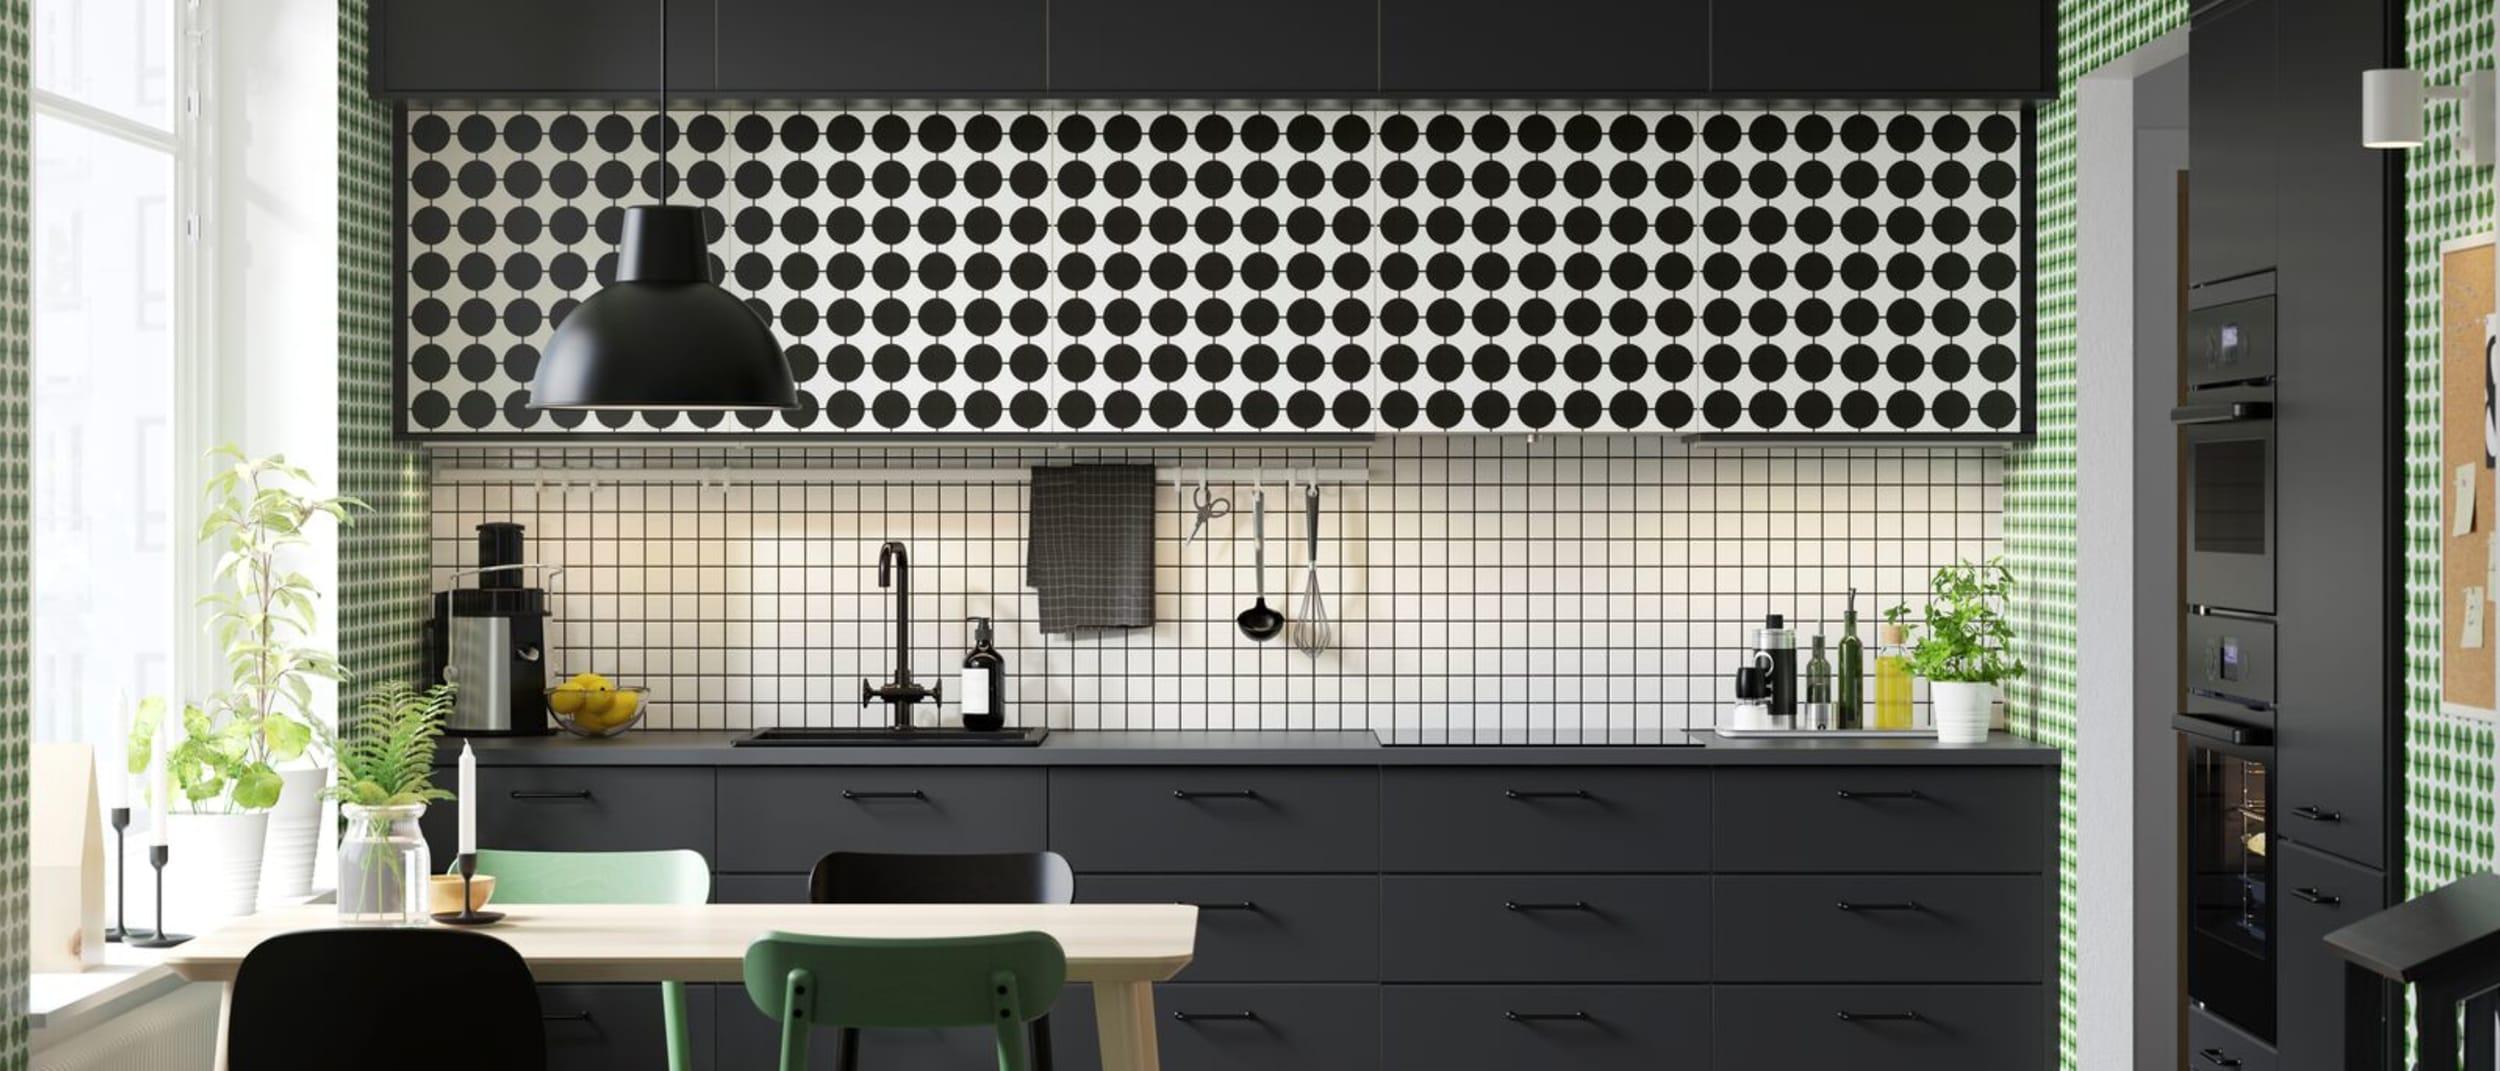 IKEA Home Planning Studio - now open